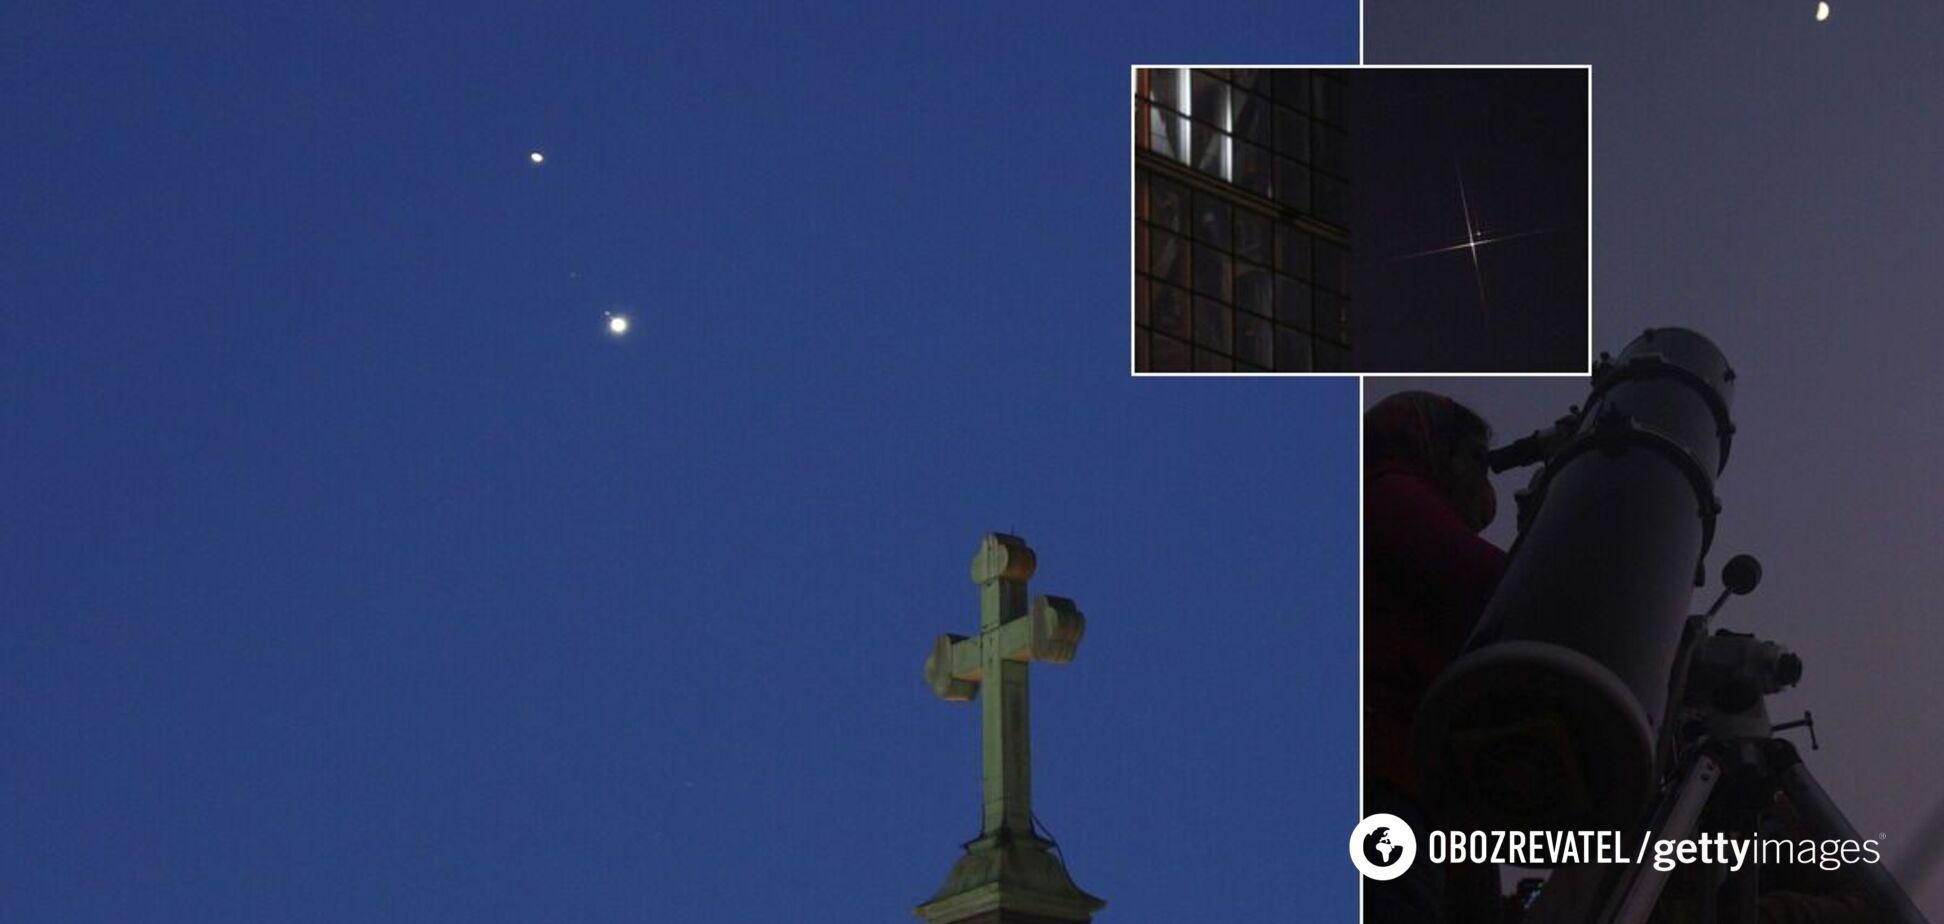 Світ спостерігав за 'Віфлеємською зіркою'